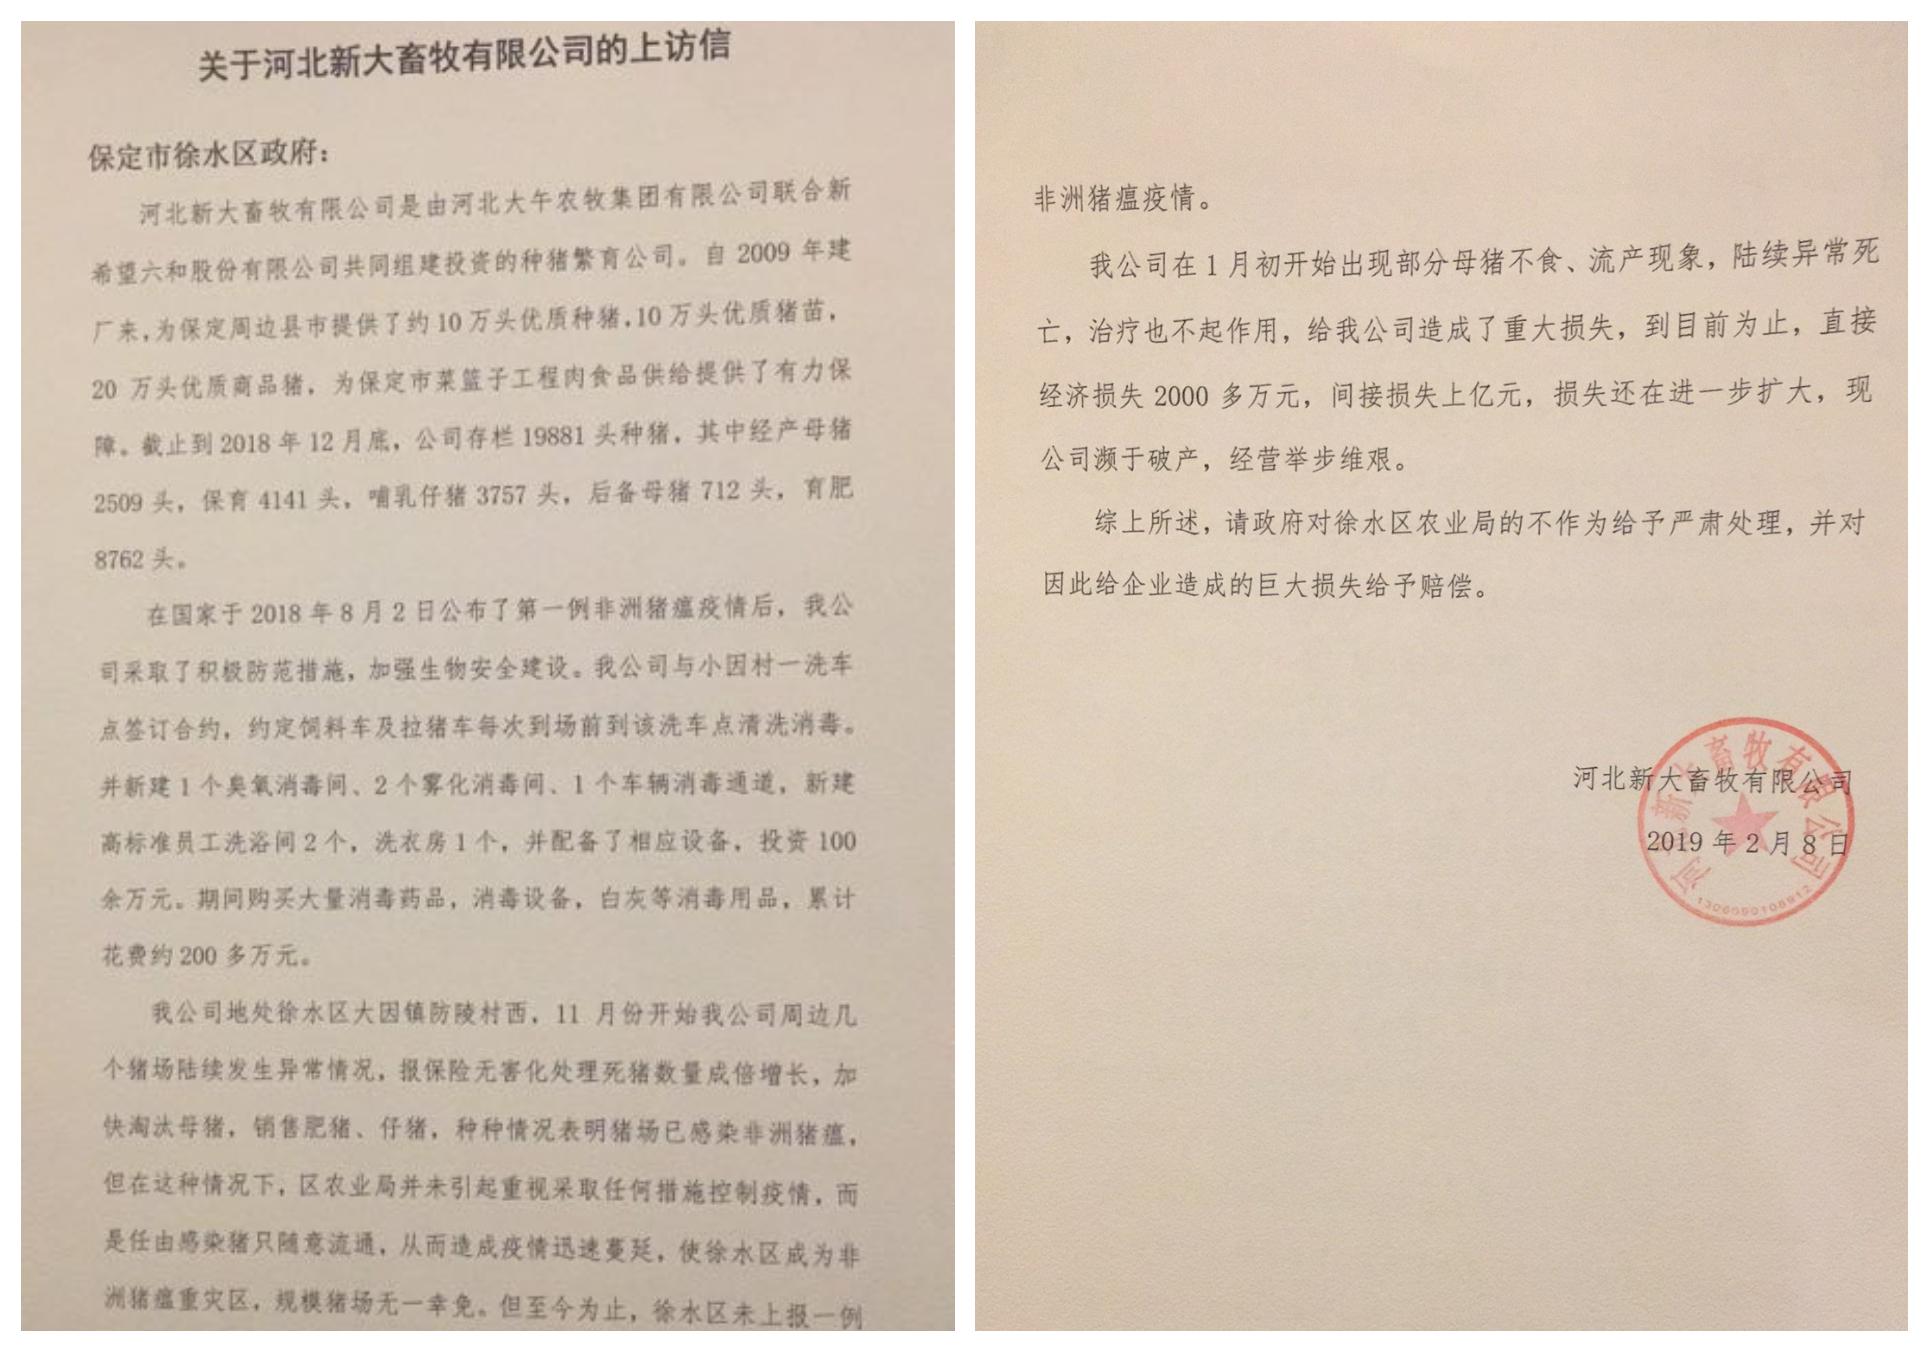 2月8日,新大畜牧公司向徐水區政府發出「上訪信」,陳述豬瘟疫情,要求政府賠償。但官方沒有回應。(受訪人提供)